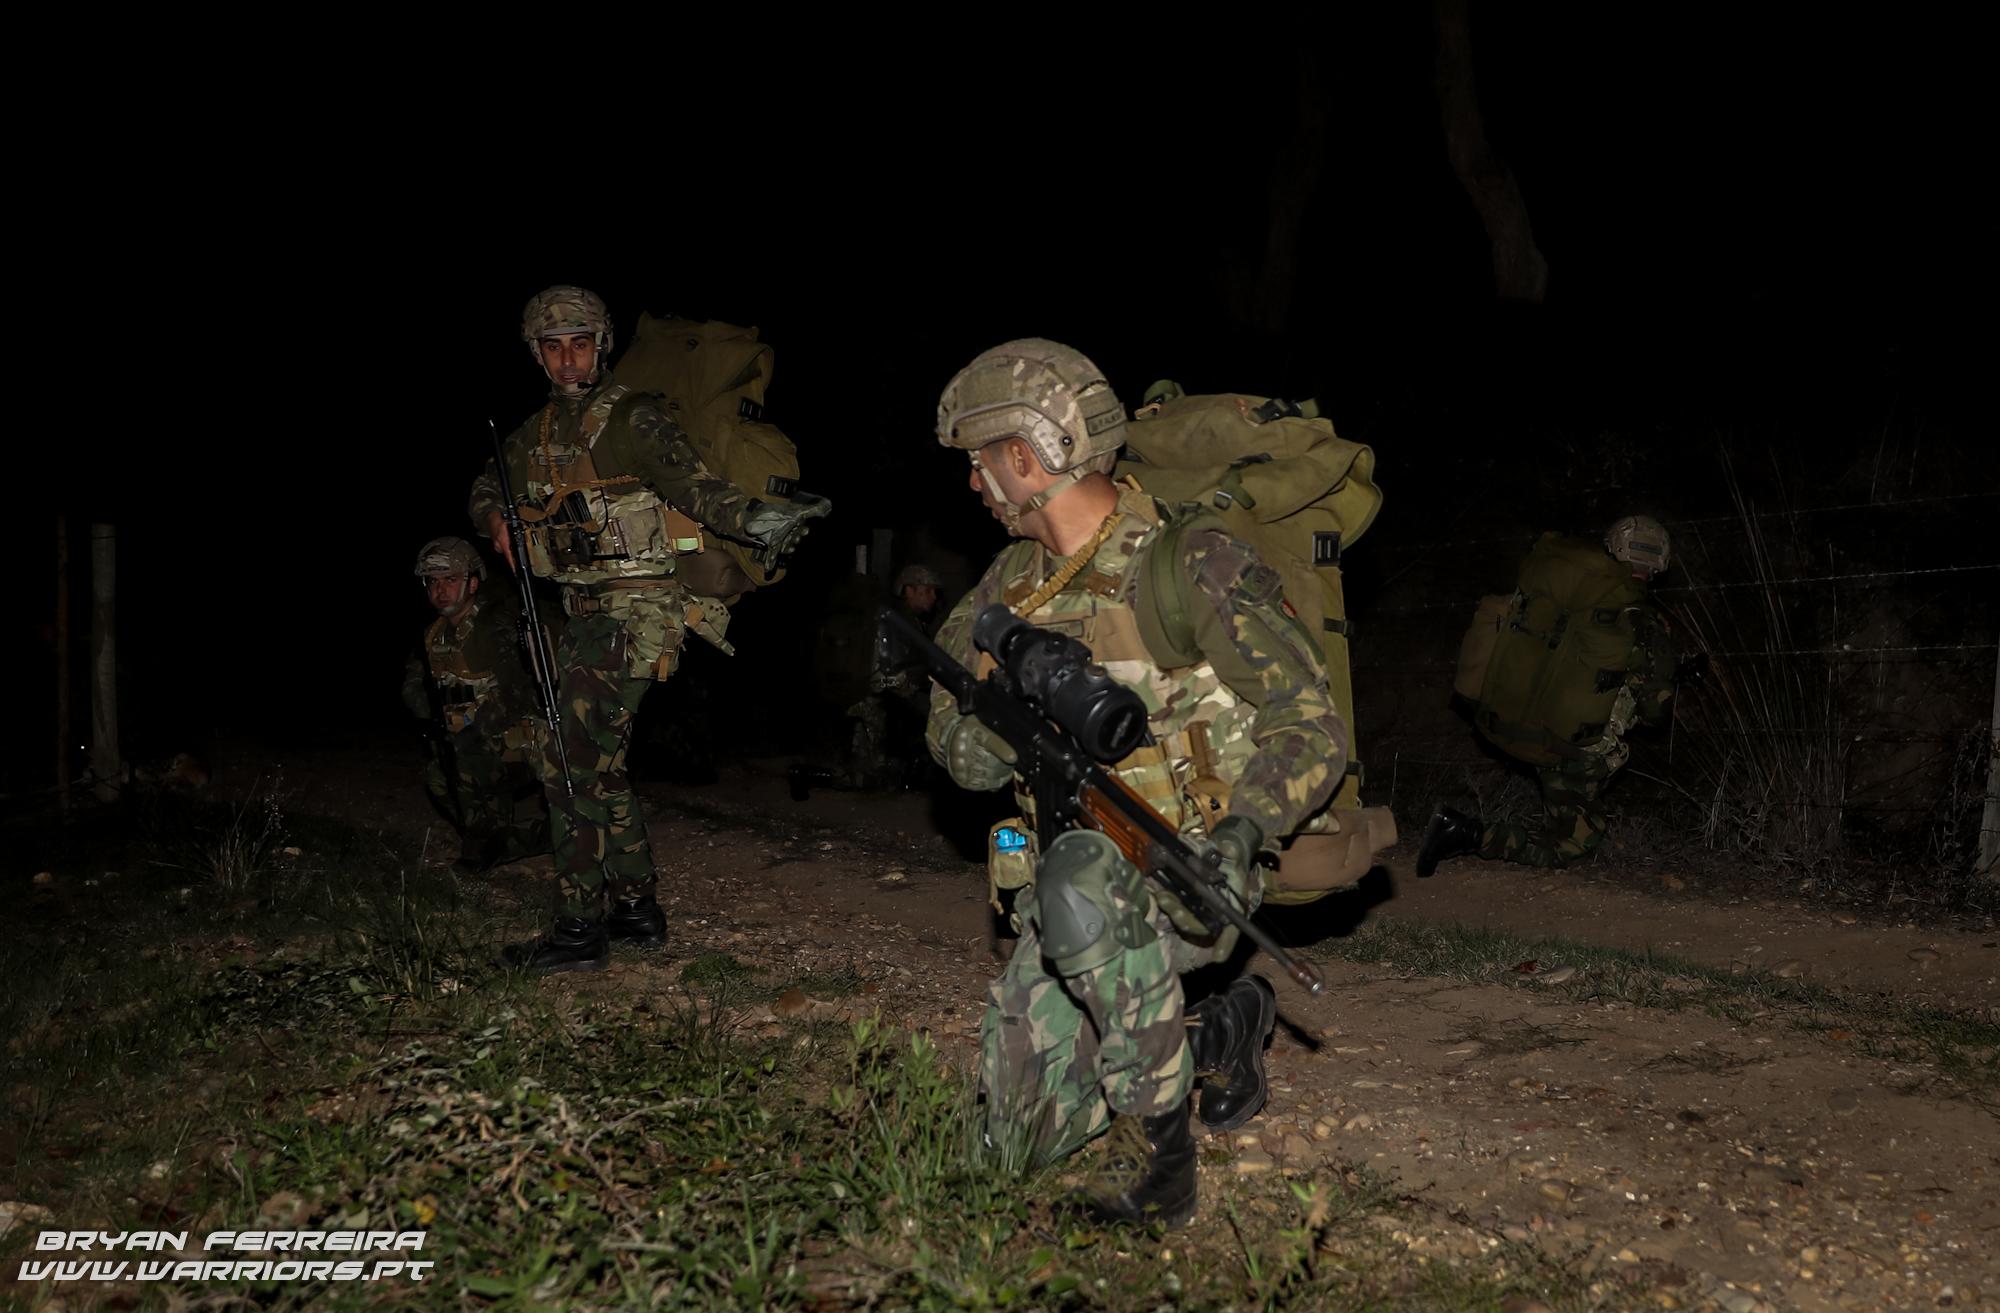 2º Batalhão de Infantaria Paraquedista BIPARA